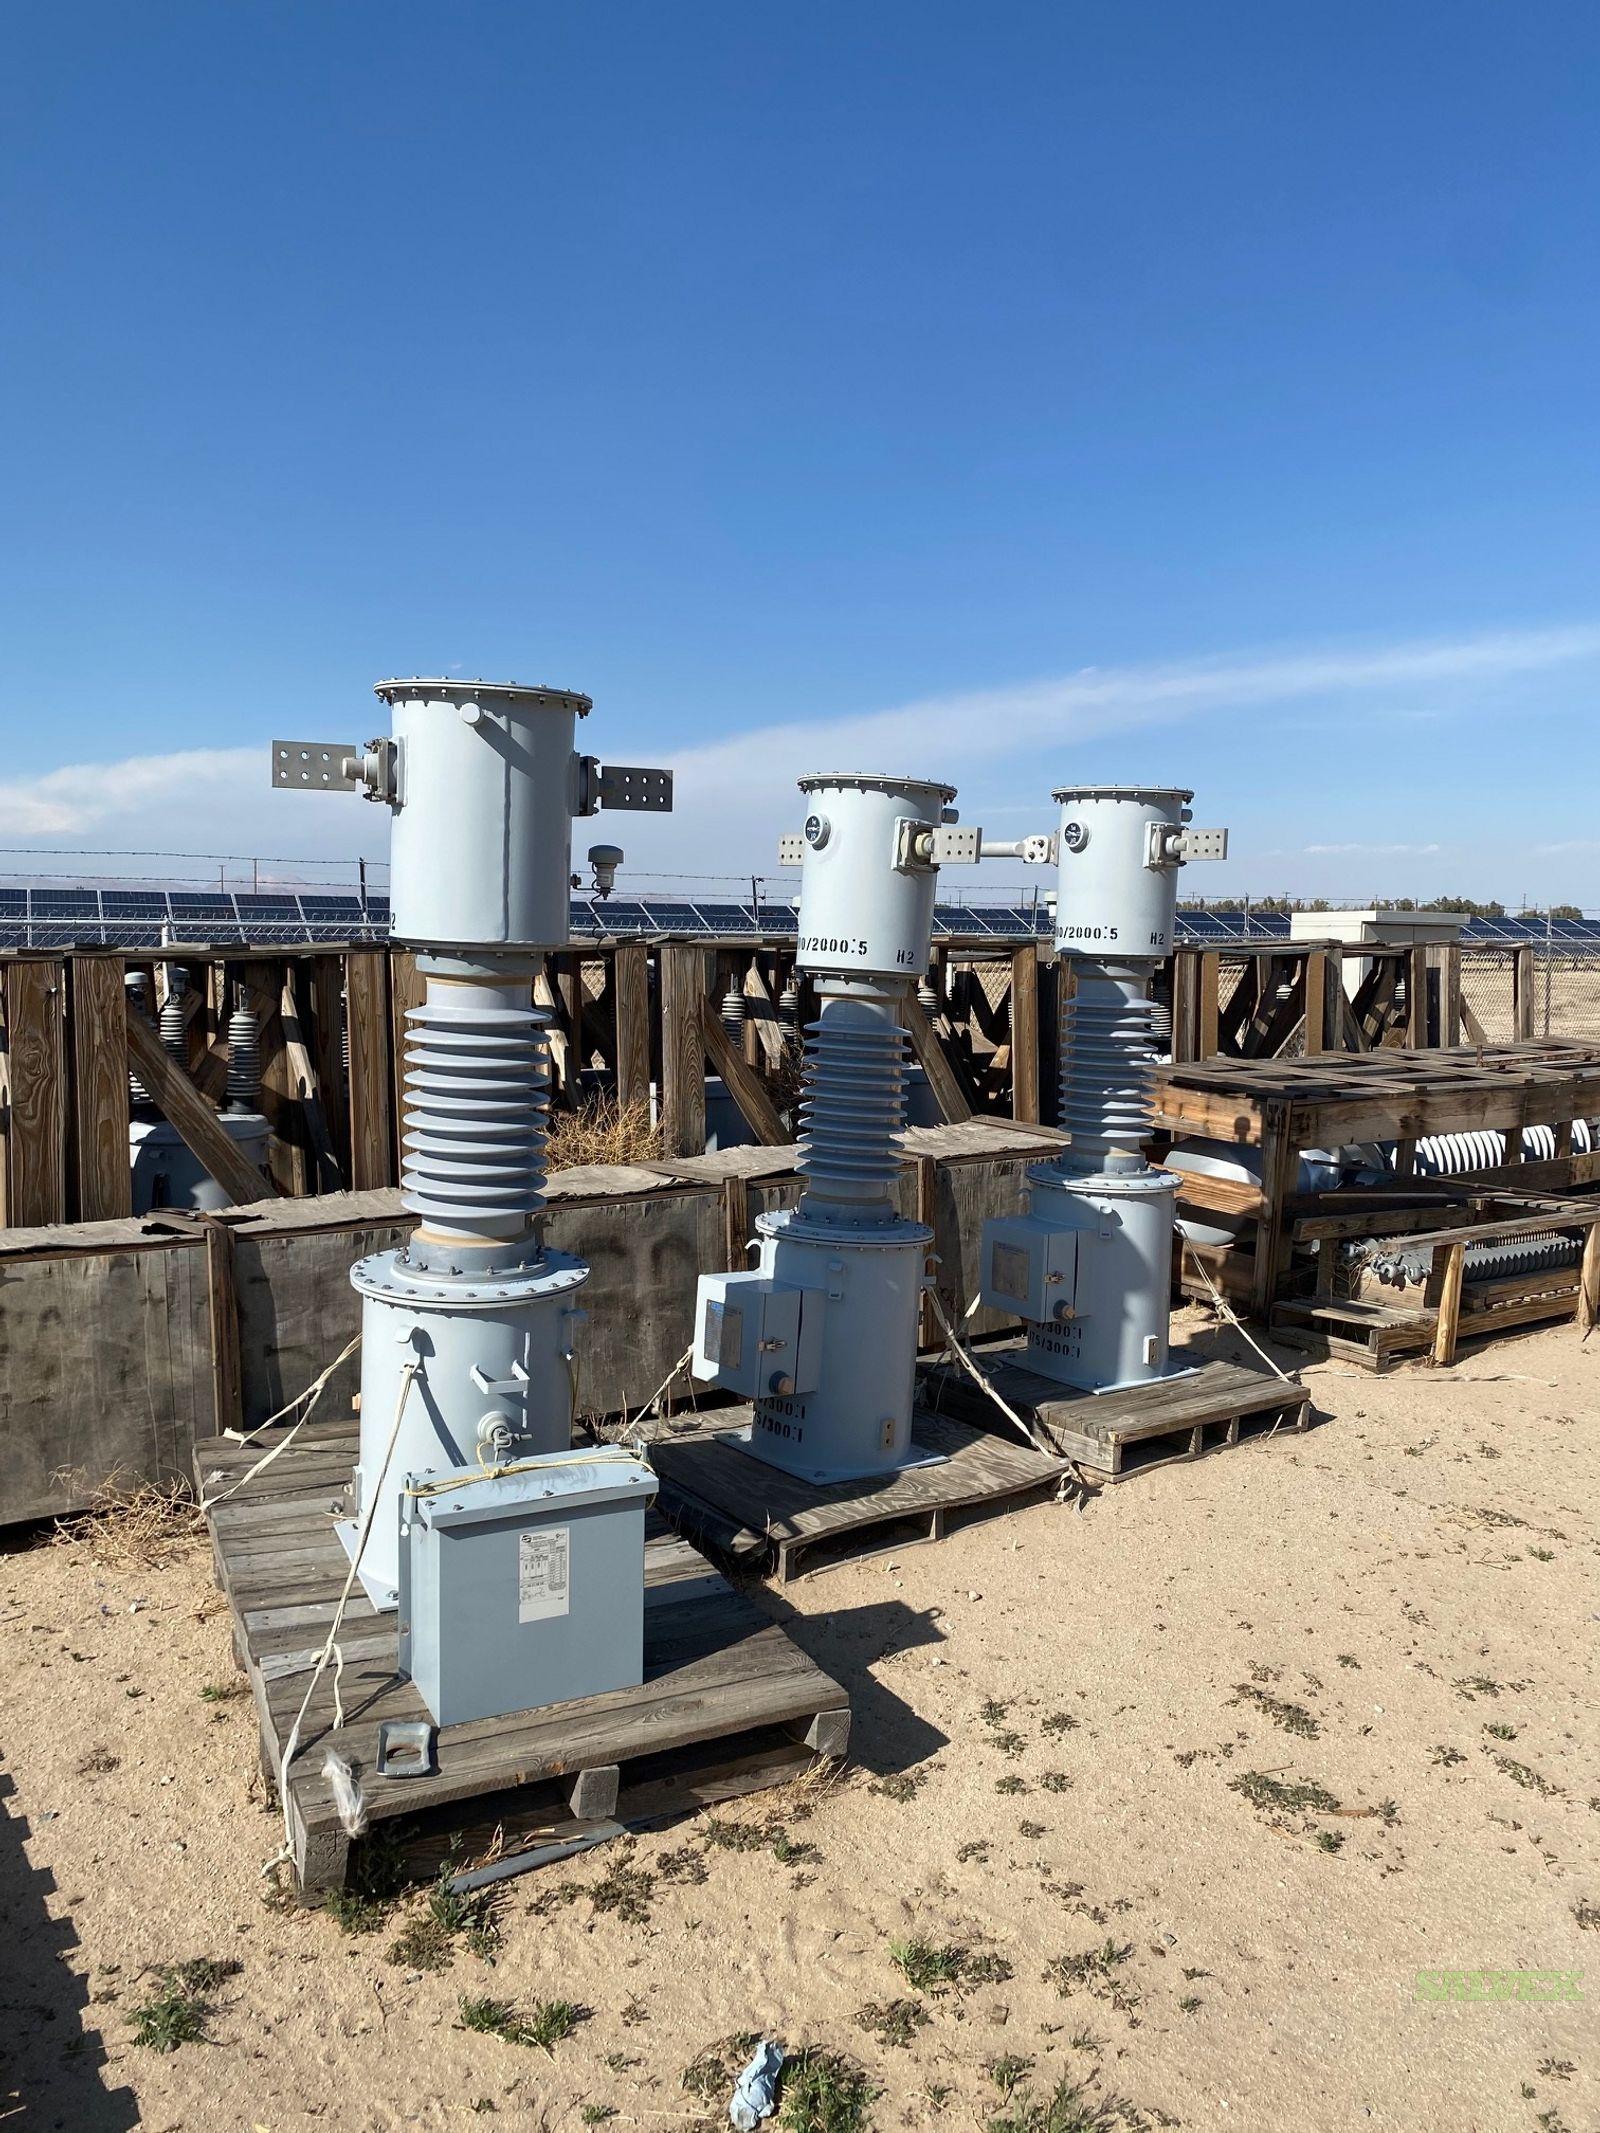 iTec Metering Transformer CVTO-200 (Substation Equipment) / 30 Units